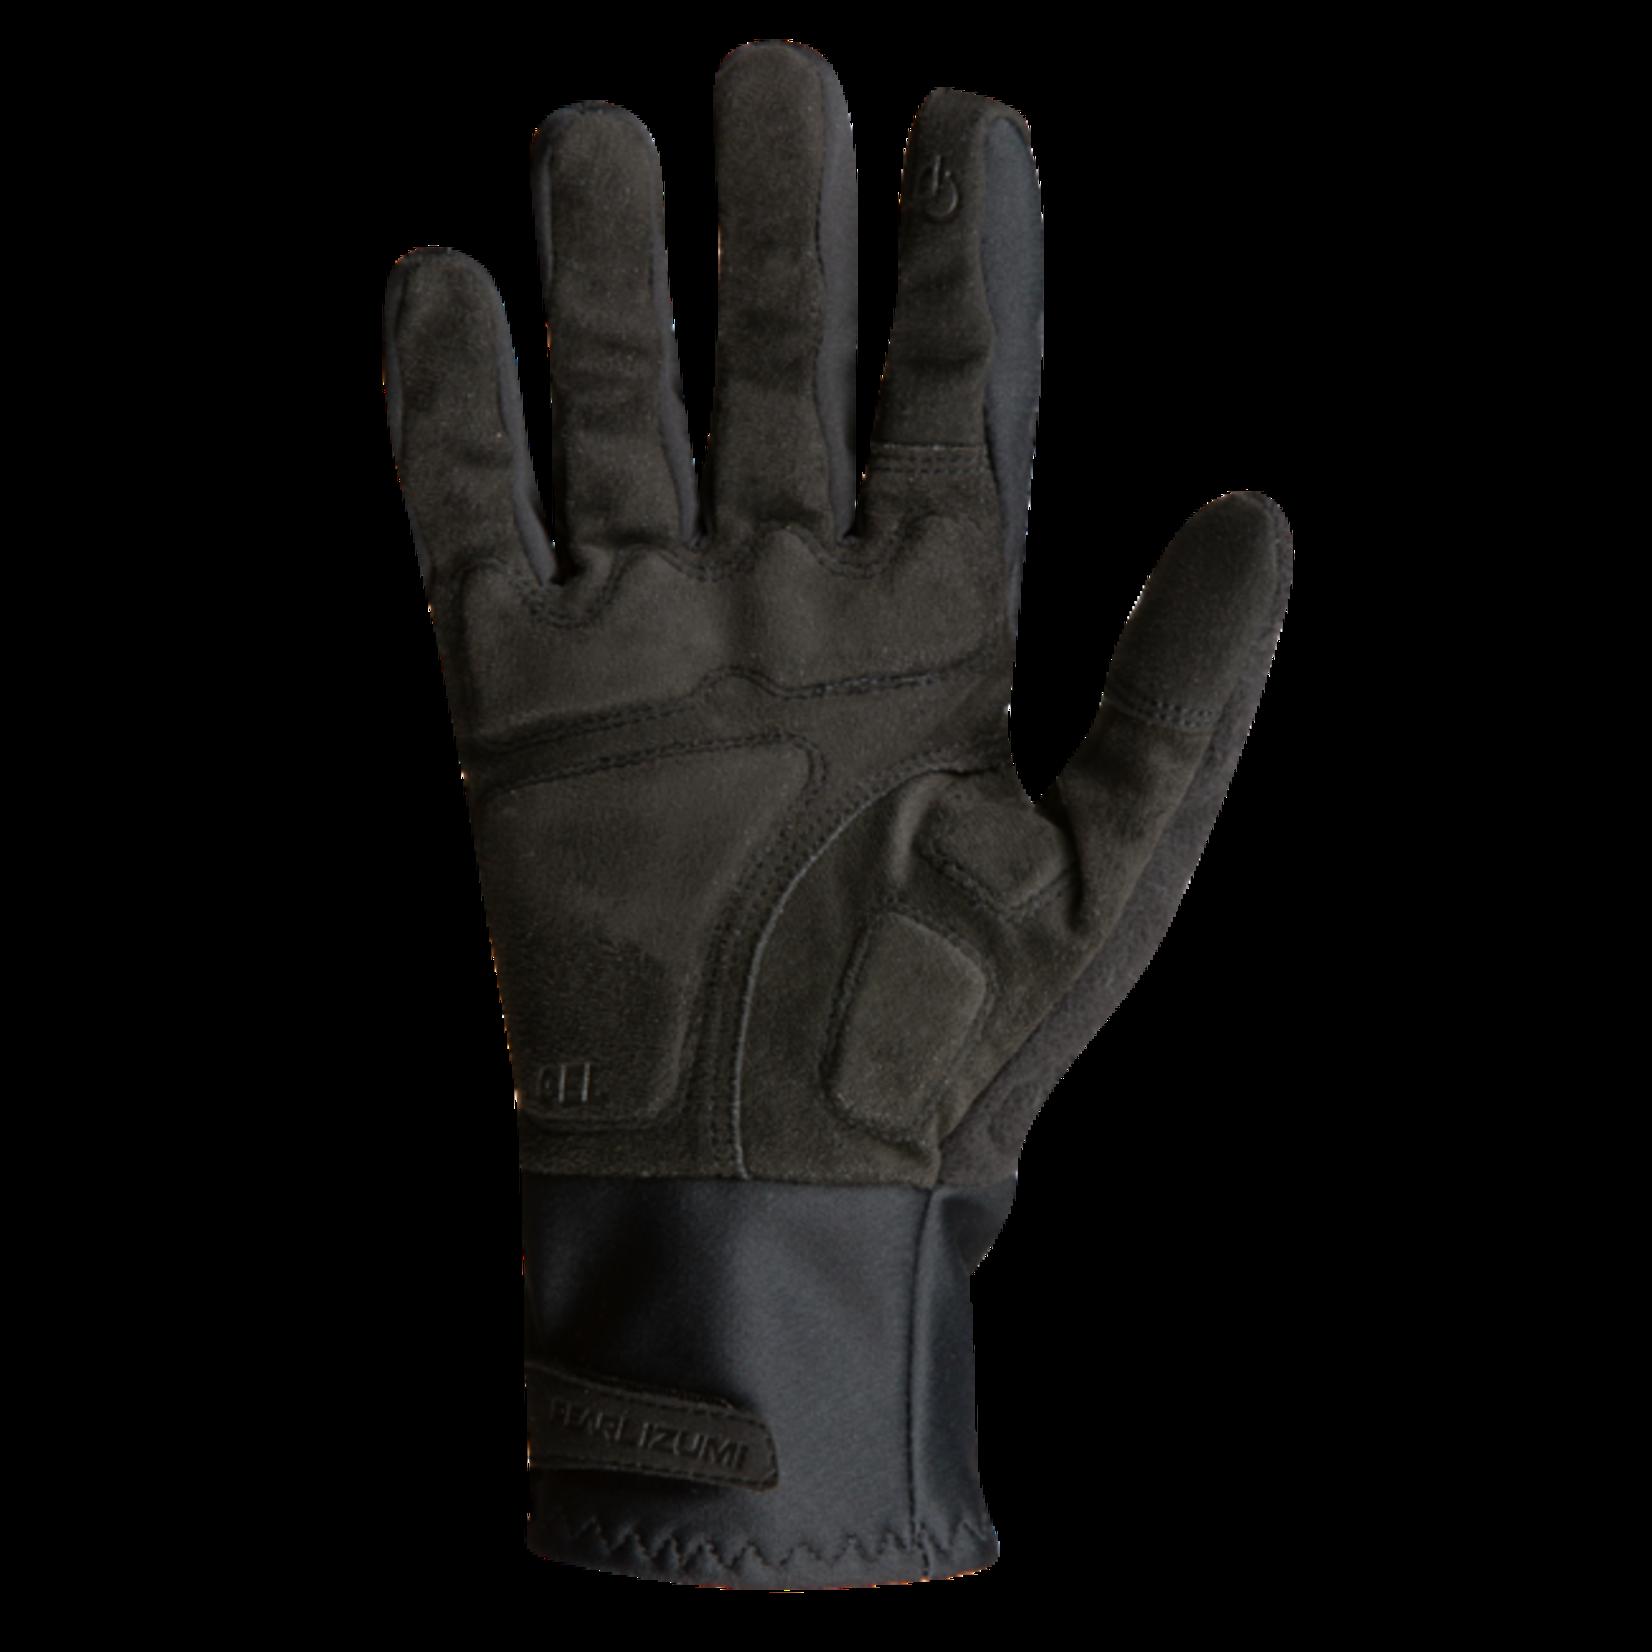 Pearl Izumi Pearl Izumi Cyclone Gel Glove BLK LG